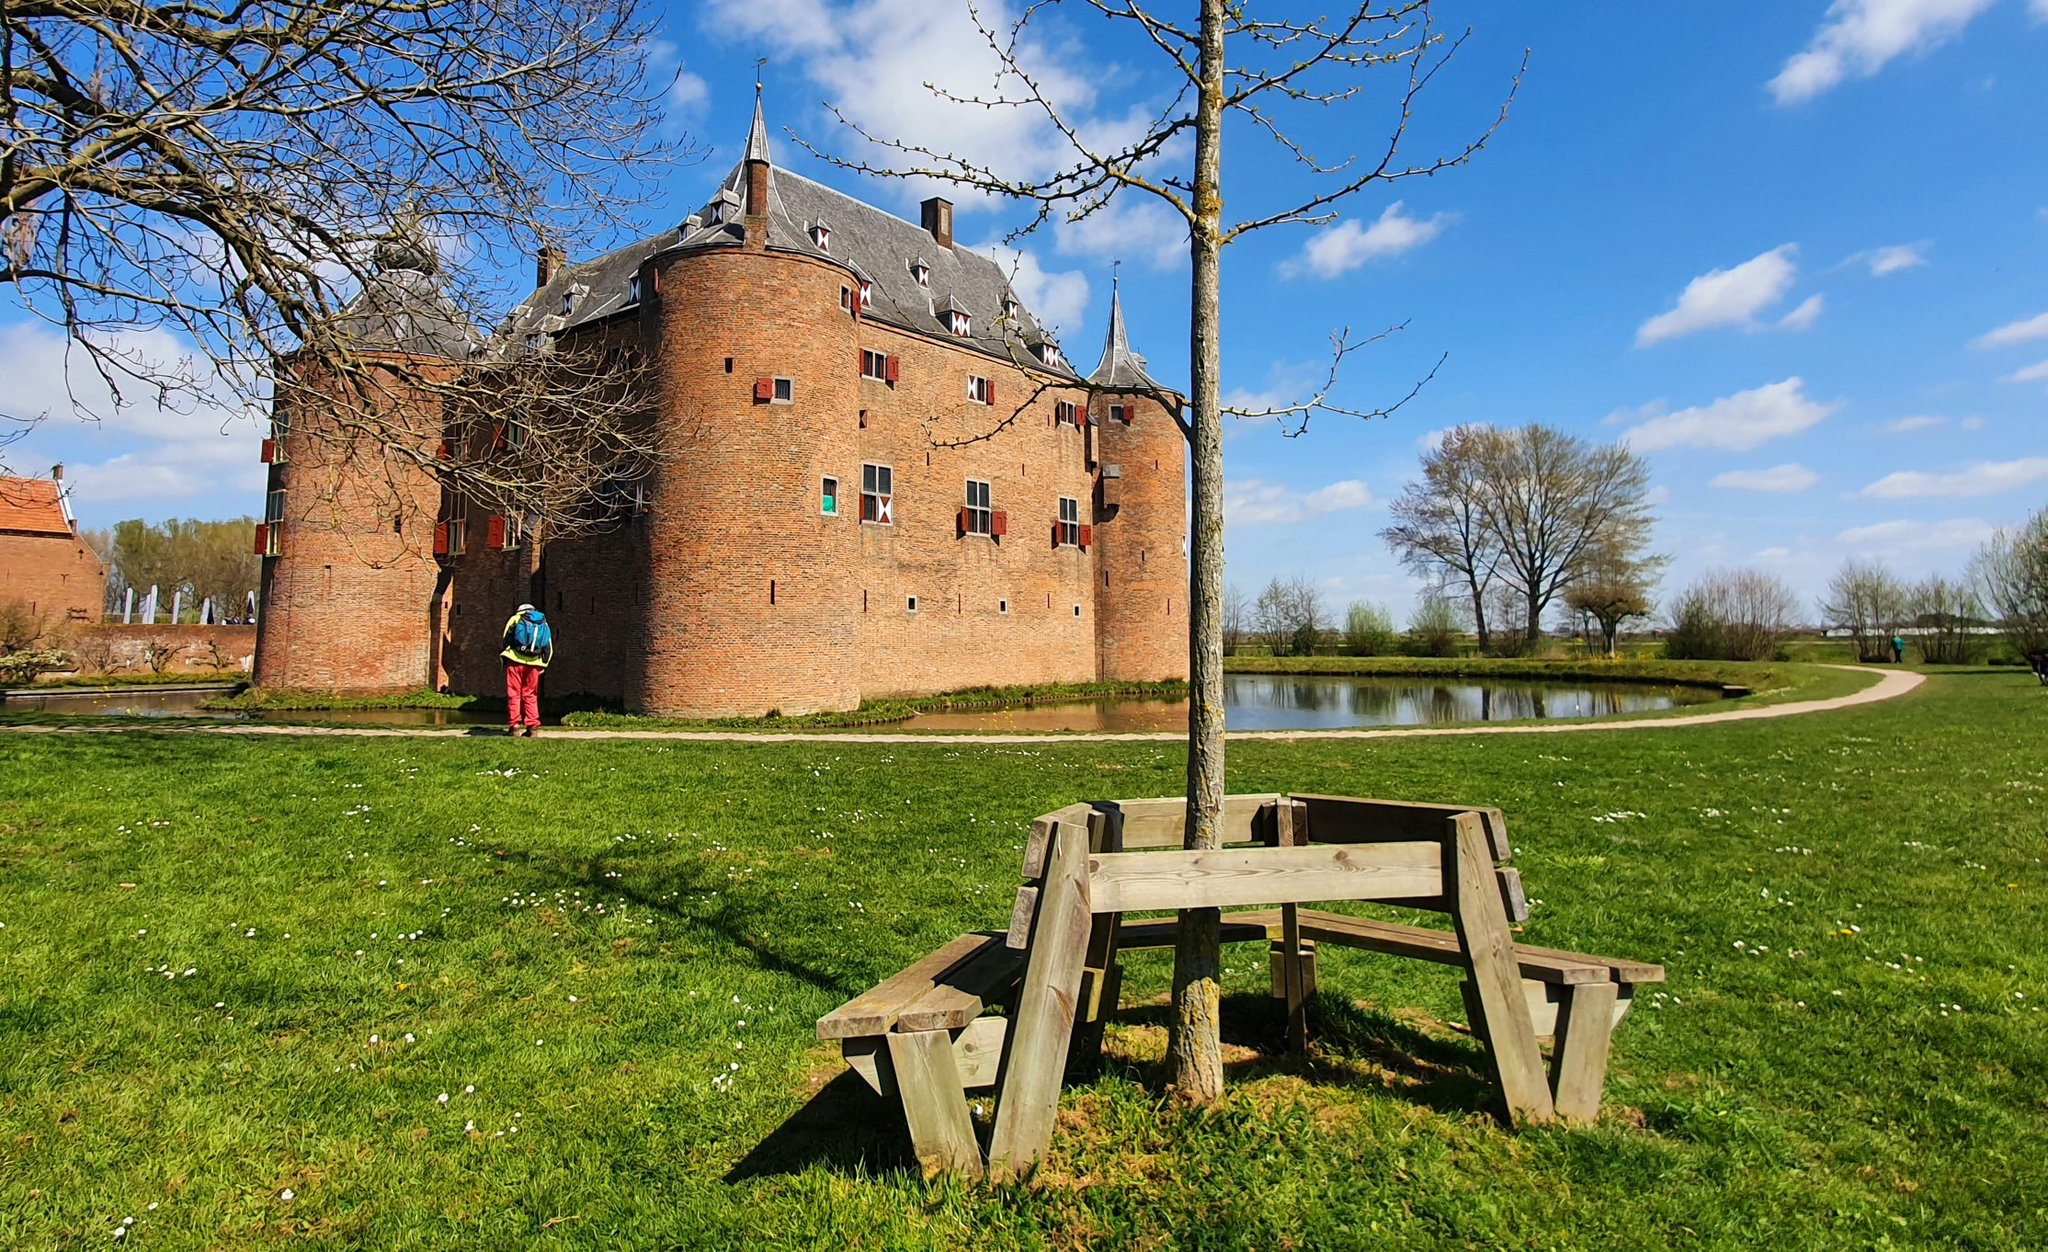 rt-wolfswandelplan-kasteel-ammersooyen-wandelbankjes-https-t-co-lzmtrsqcln